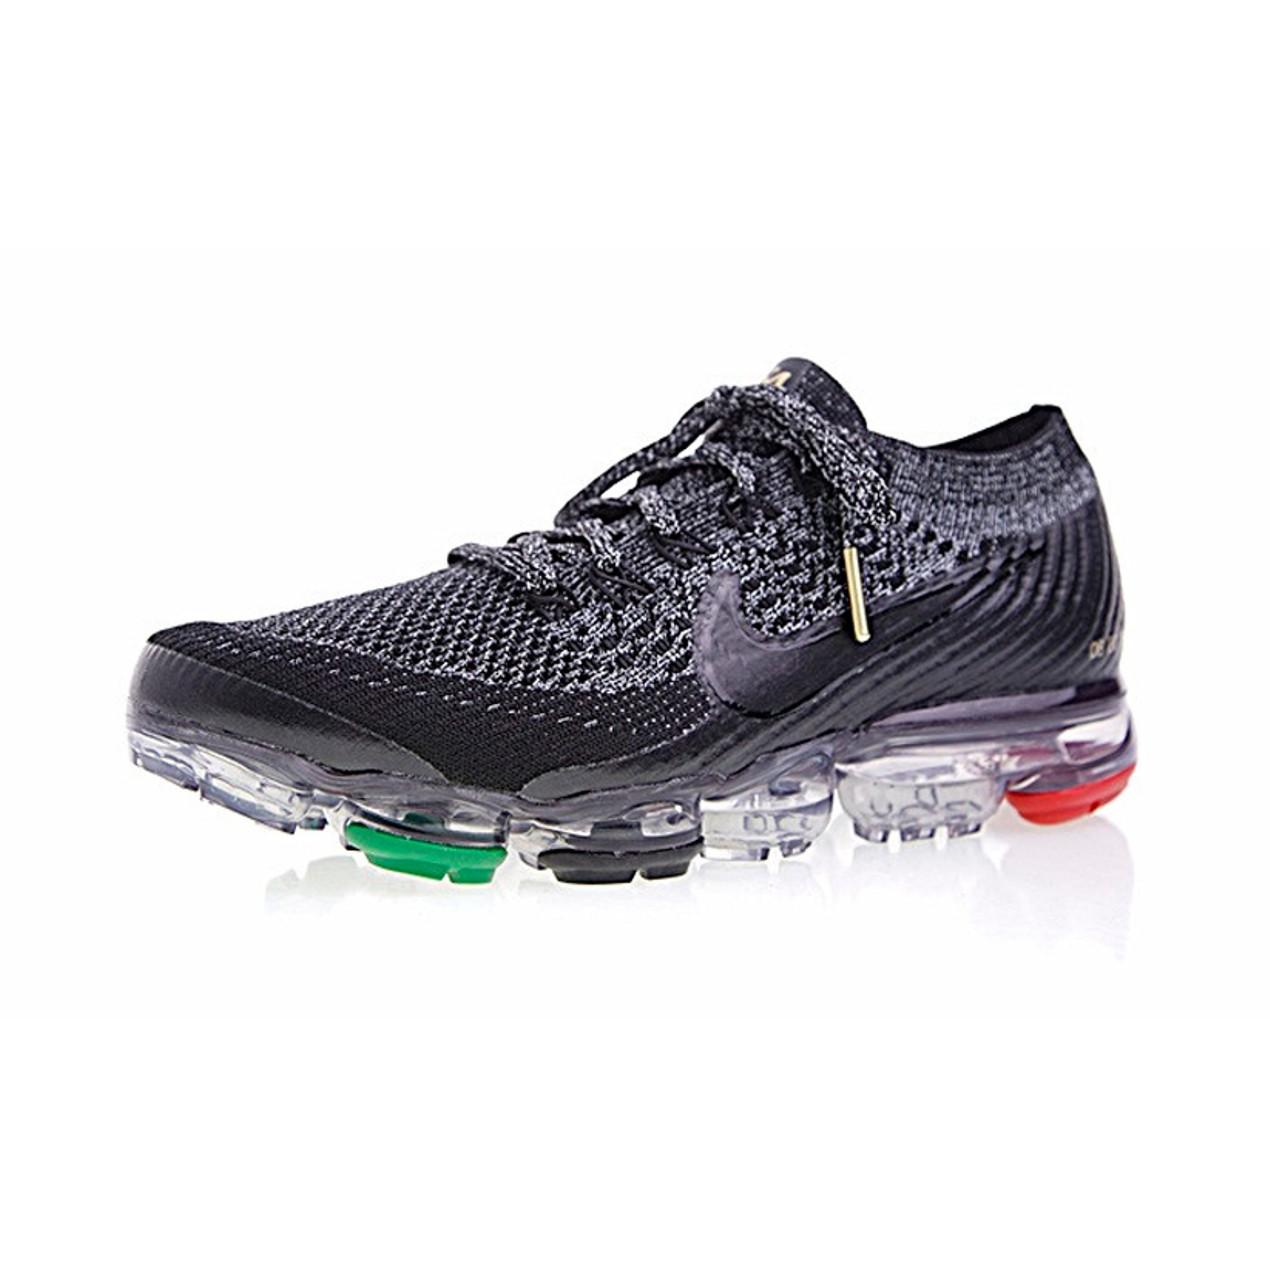 55ae676f0b9 Nike Air Vapormax Flyknit Running Shoes Black Red Green - Tanga